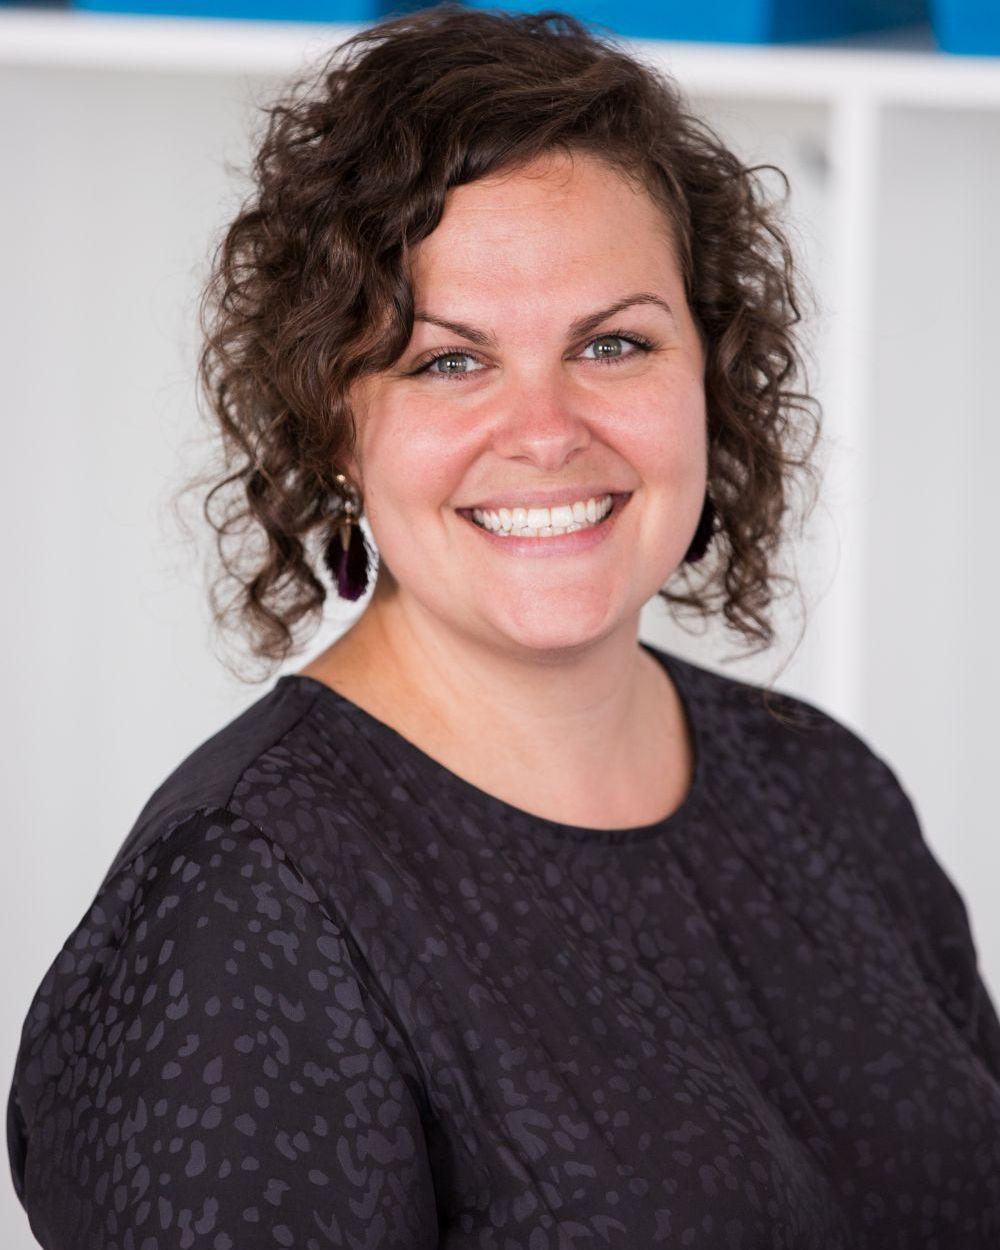 Jessica Kauffman